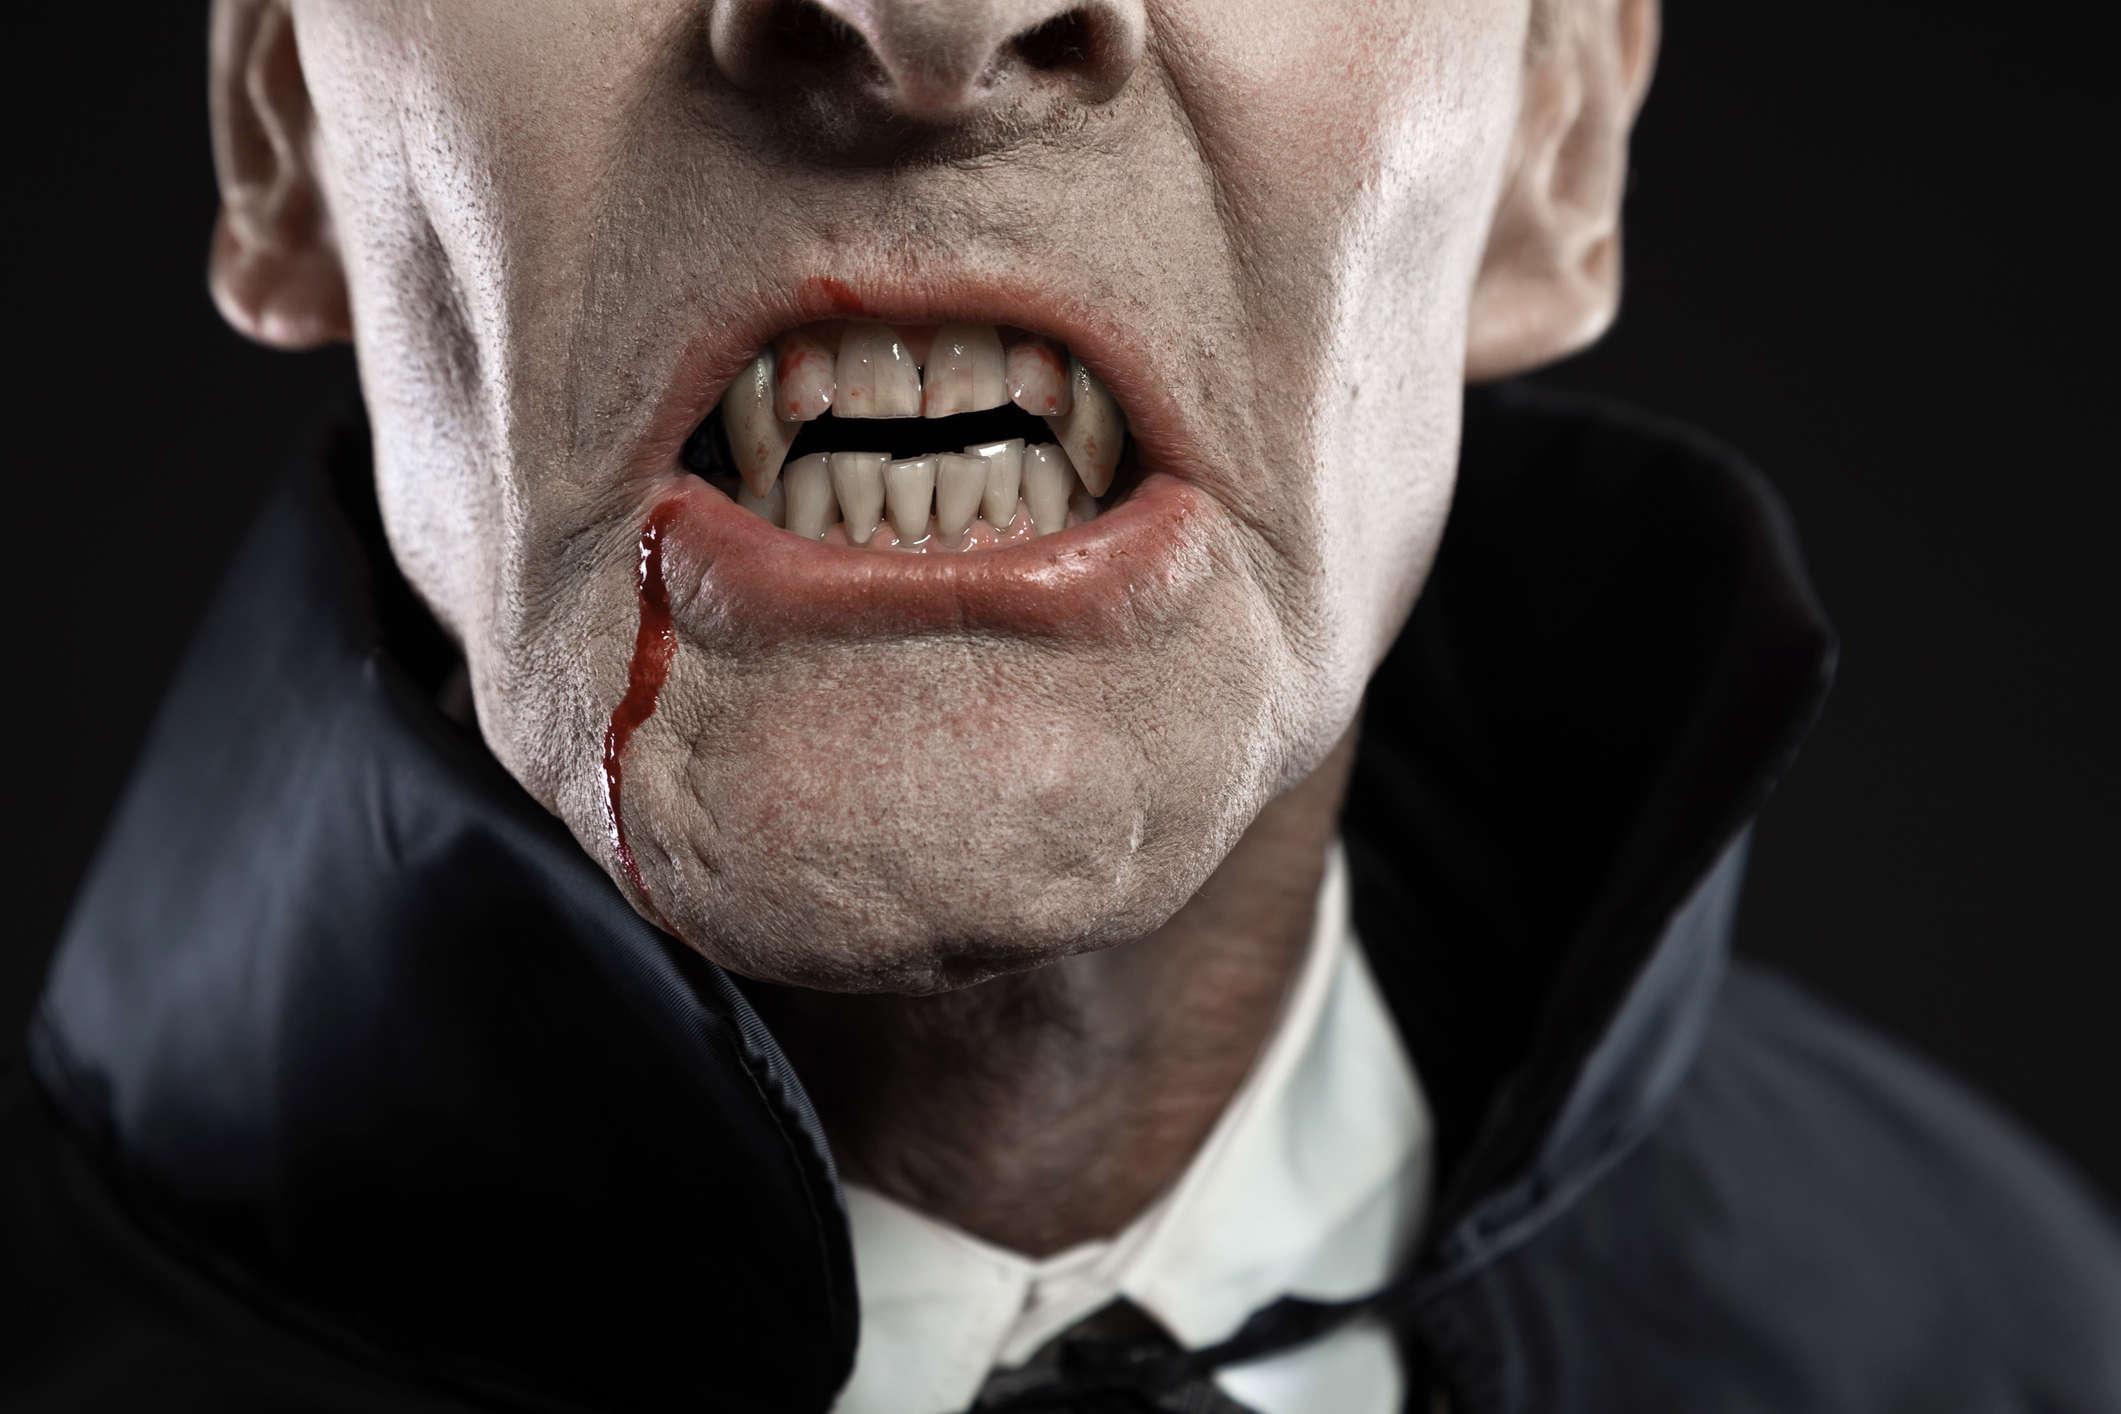 Vampire tourism: Kisiljevo in Serbia is where vampire Petar Blagojevich 'lived'